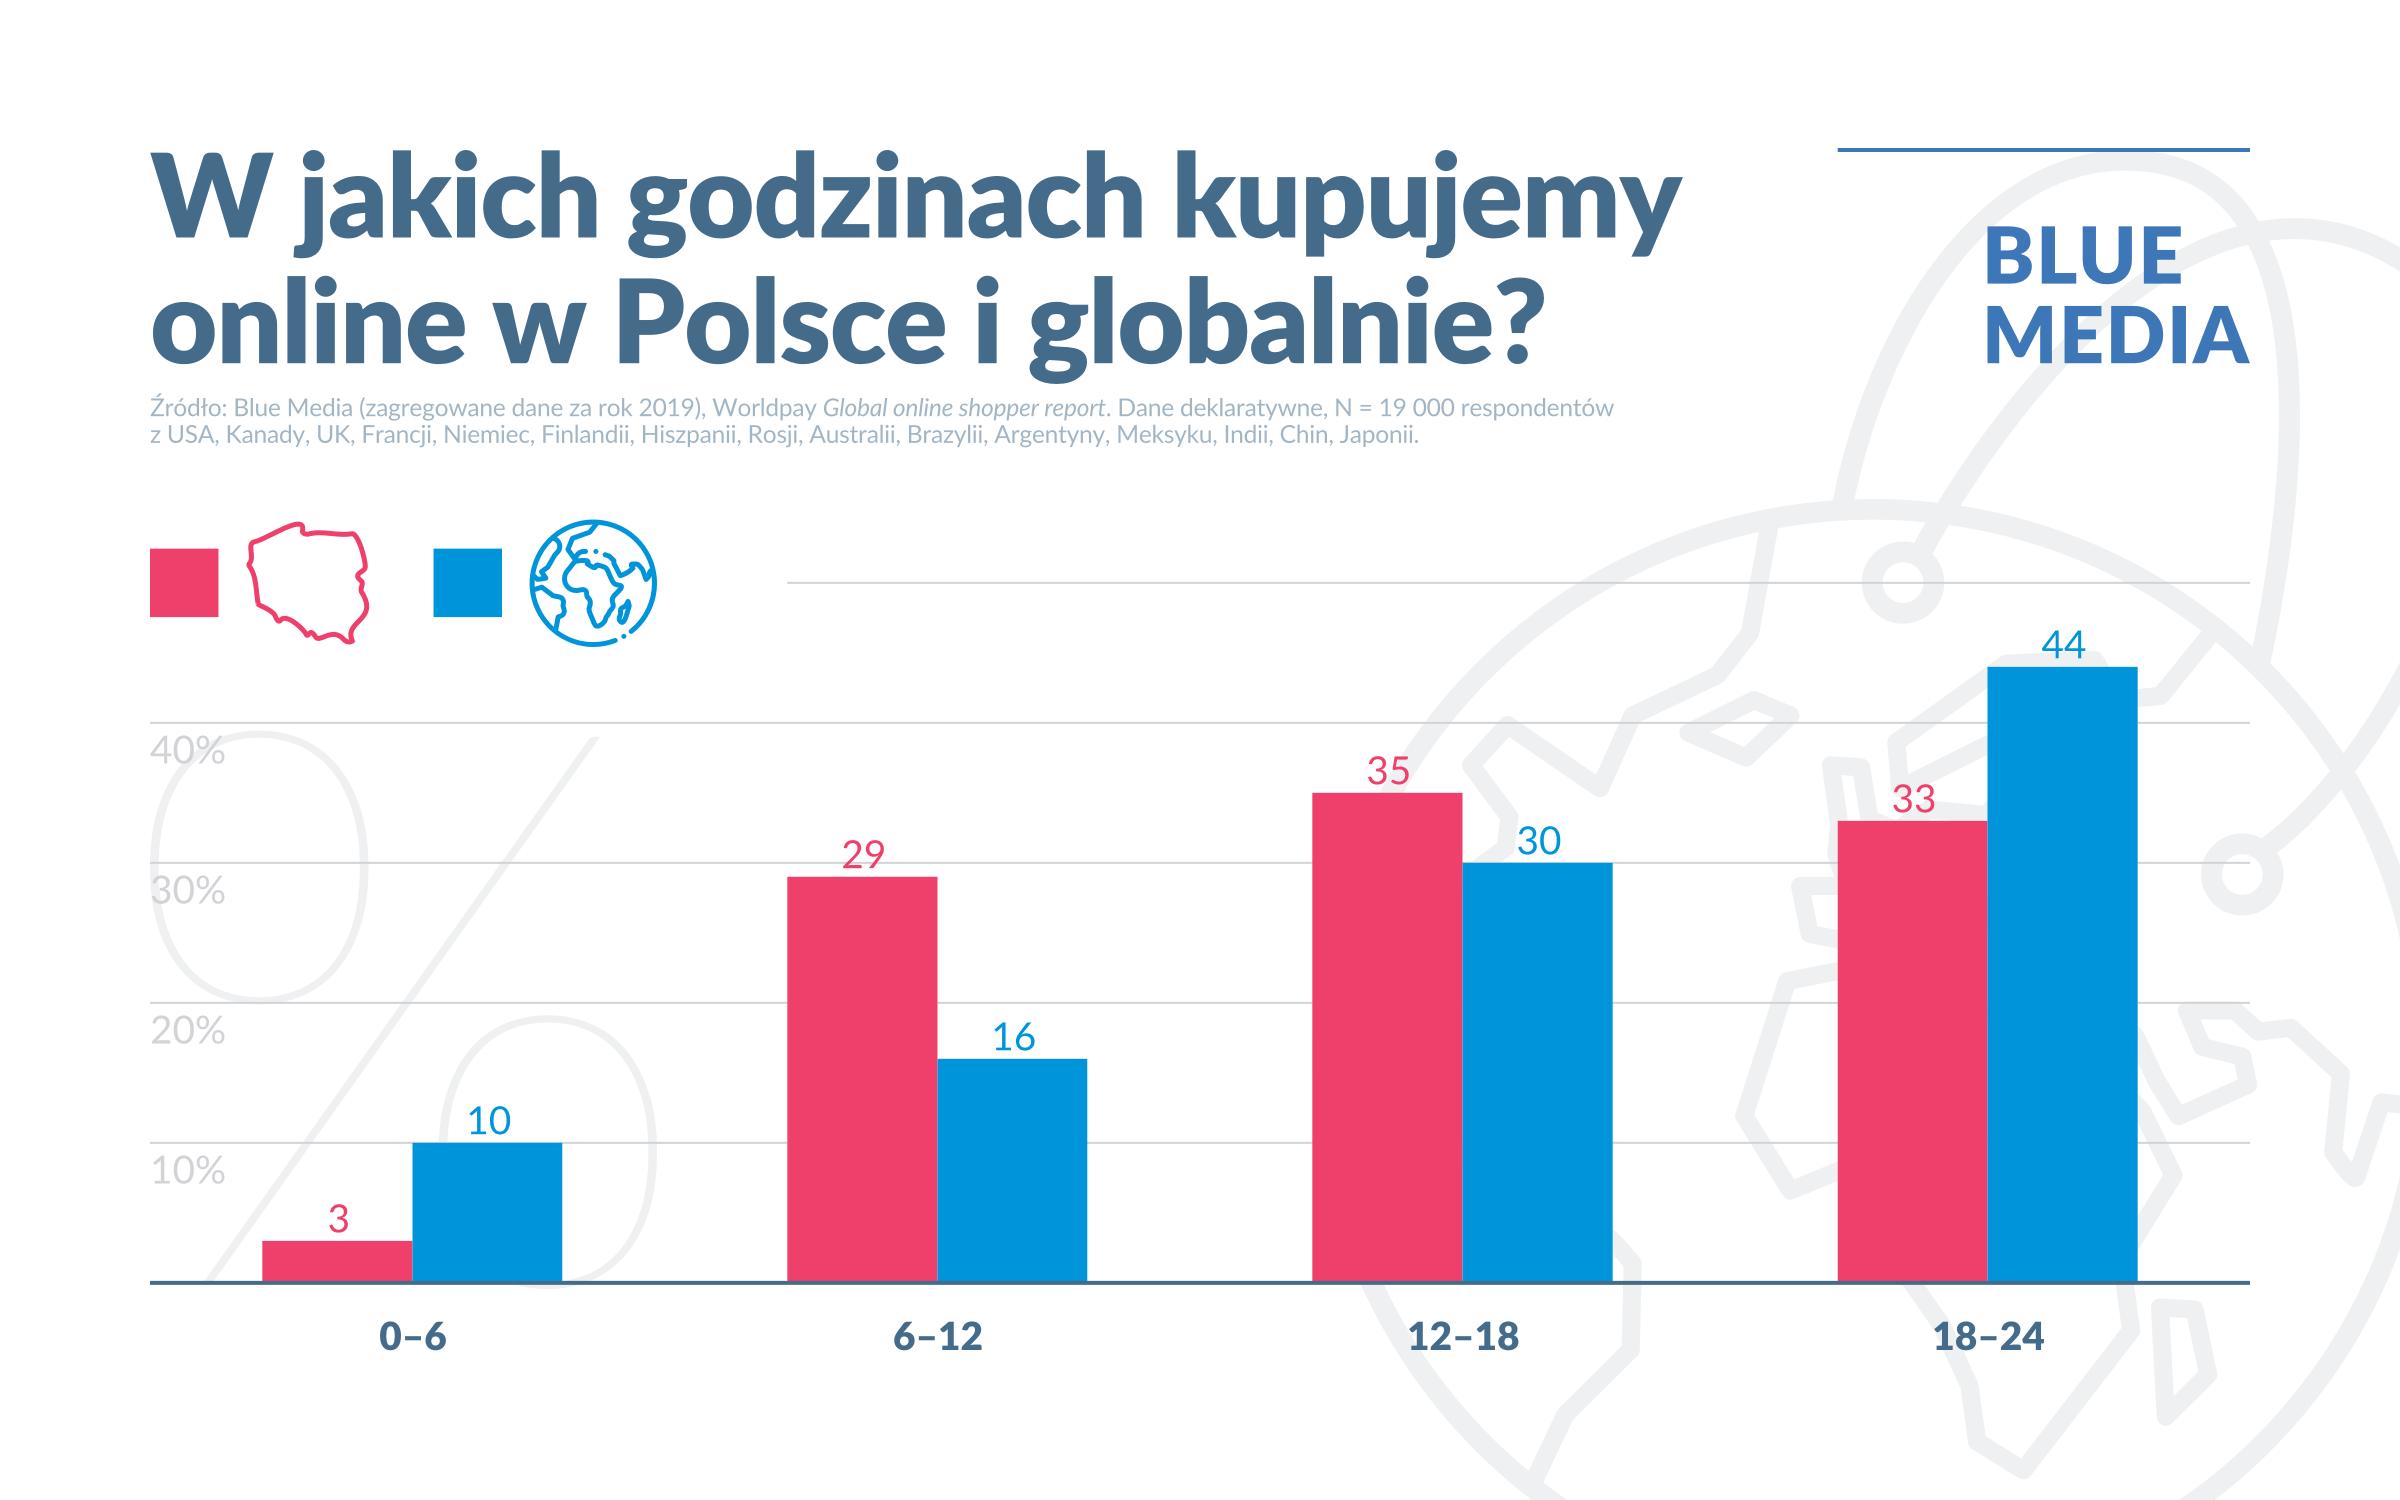 W jakich godzinach kupujemy online w Polsce i na świecie? (2019 r.)